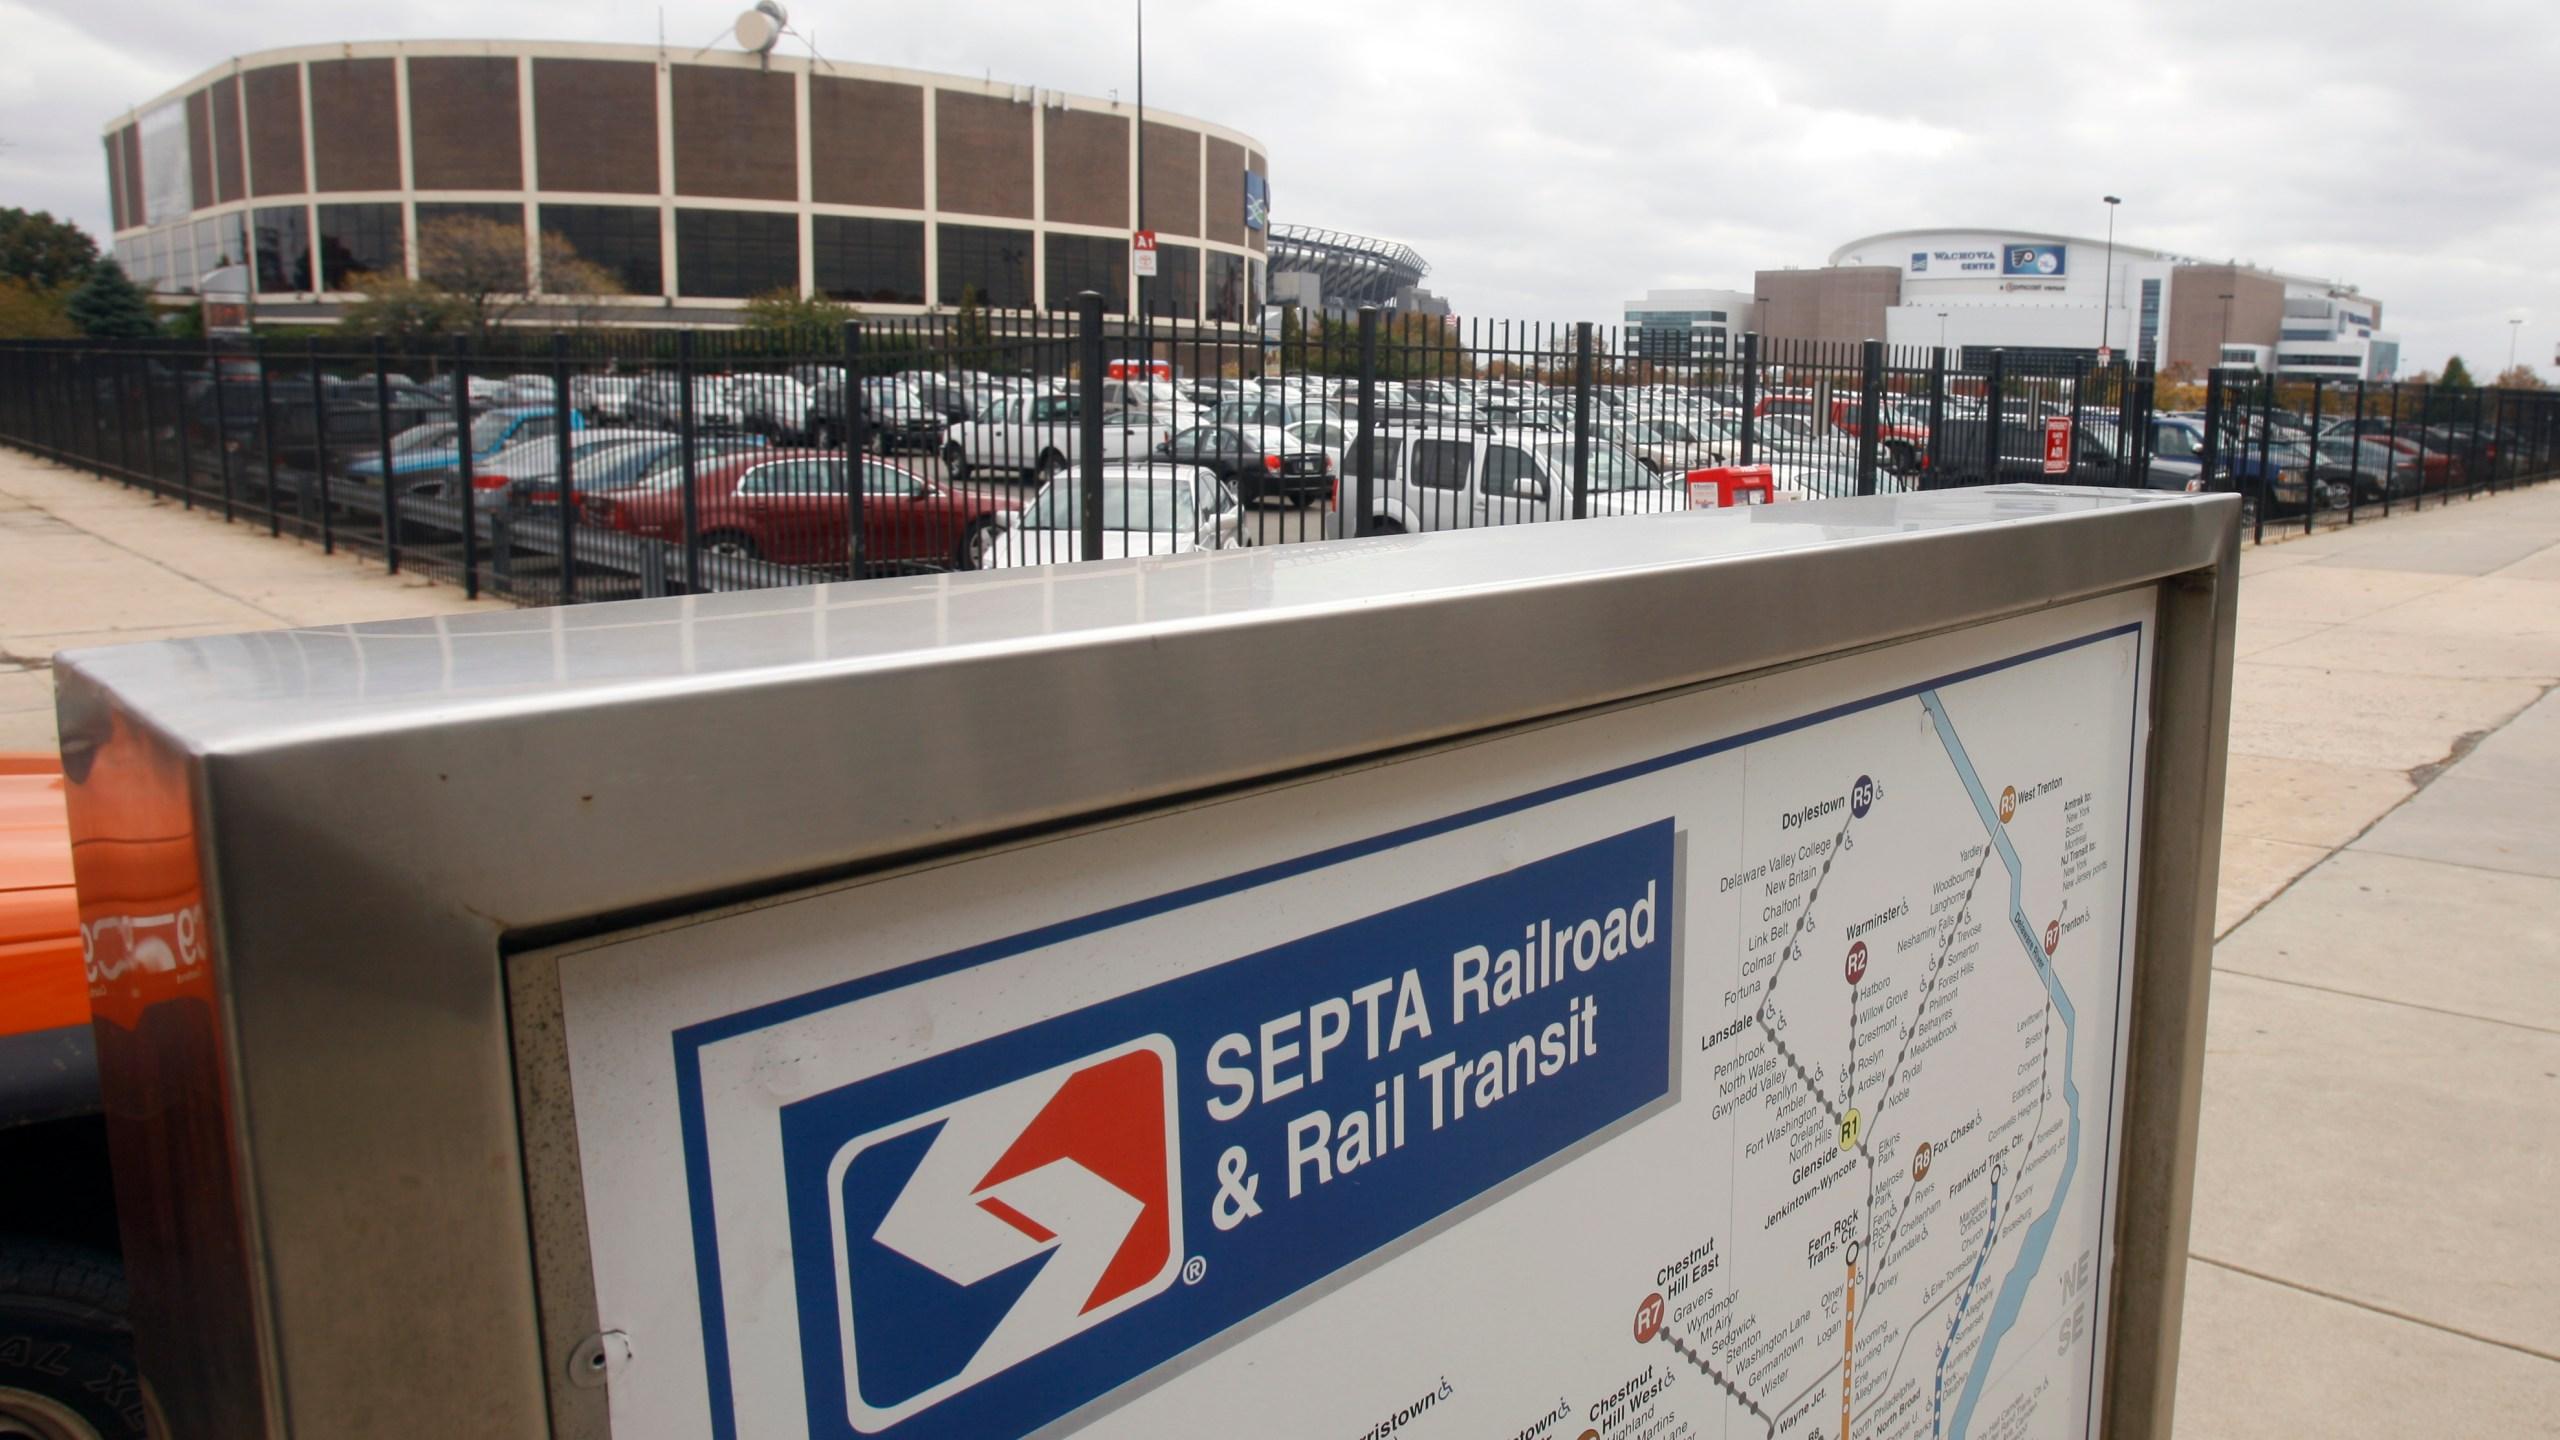 SEPTA railroad sign